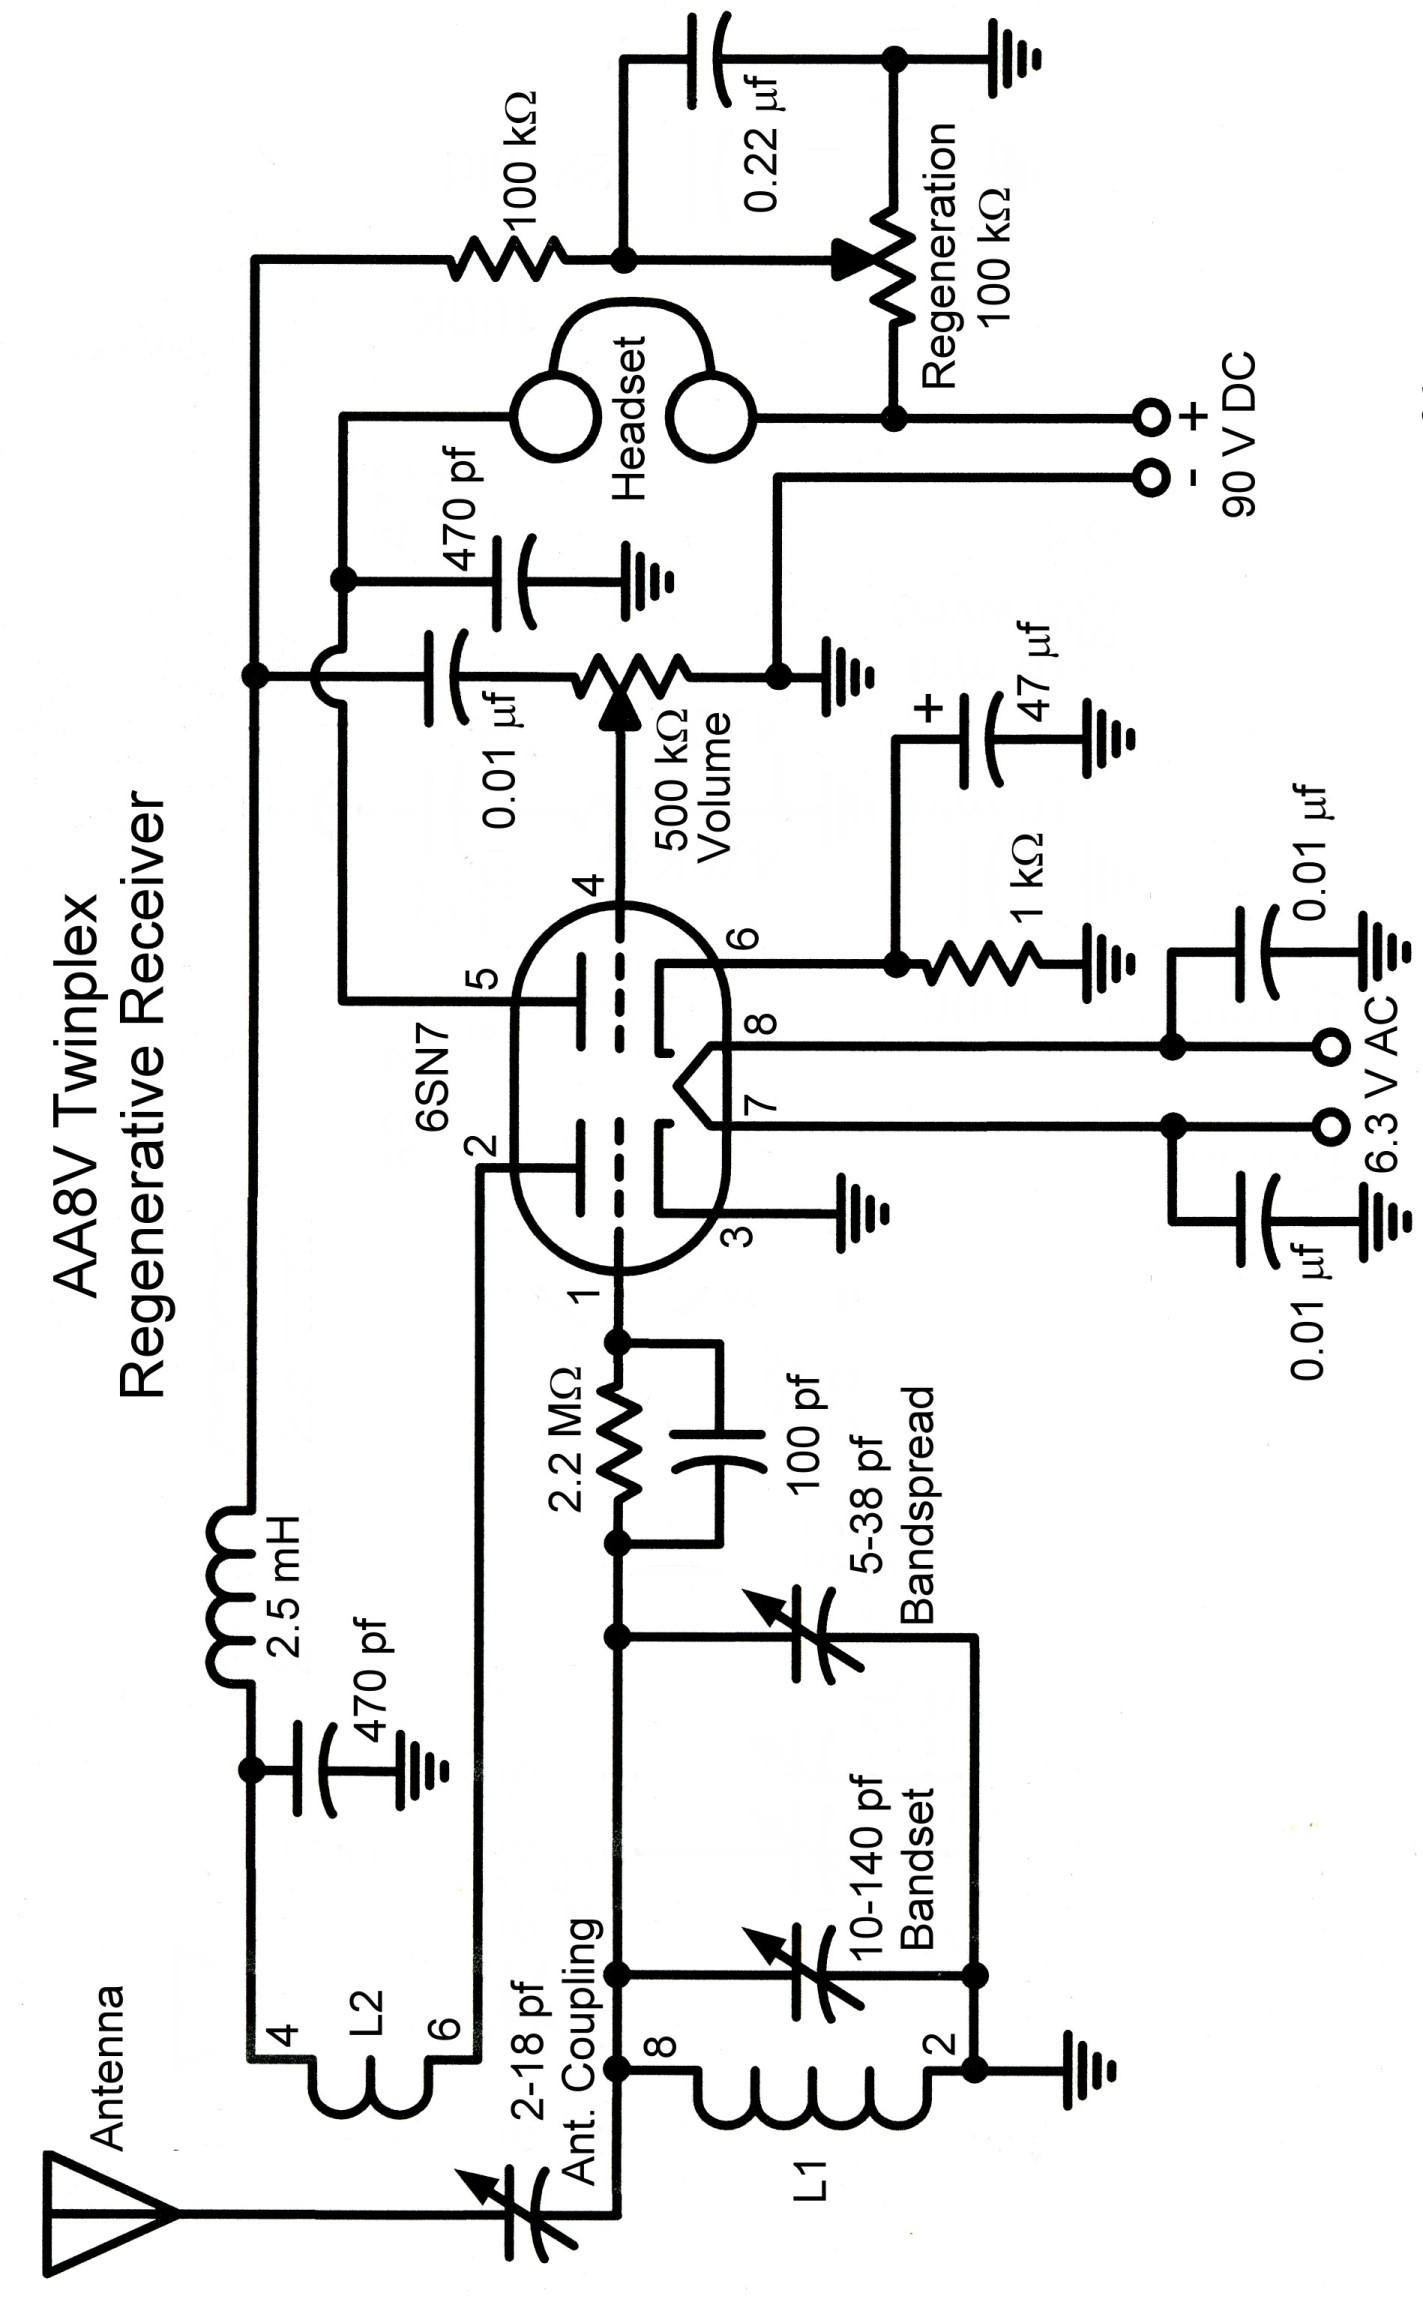 Antenna Schematic | Wiring Diagram